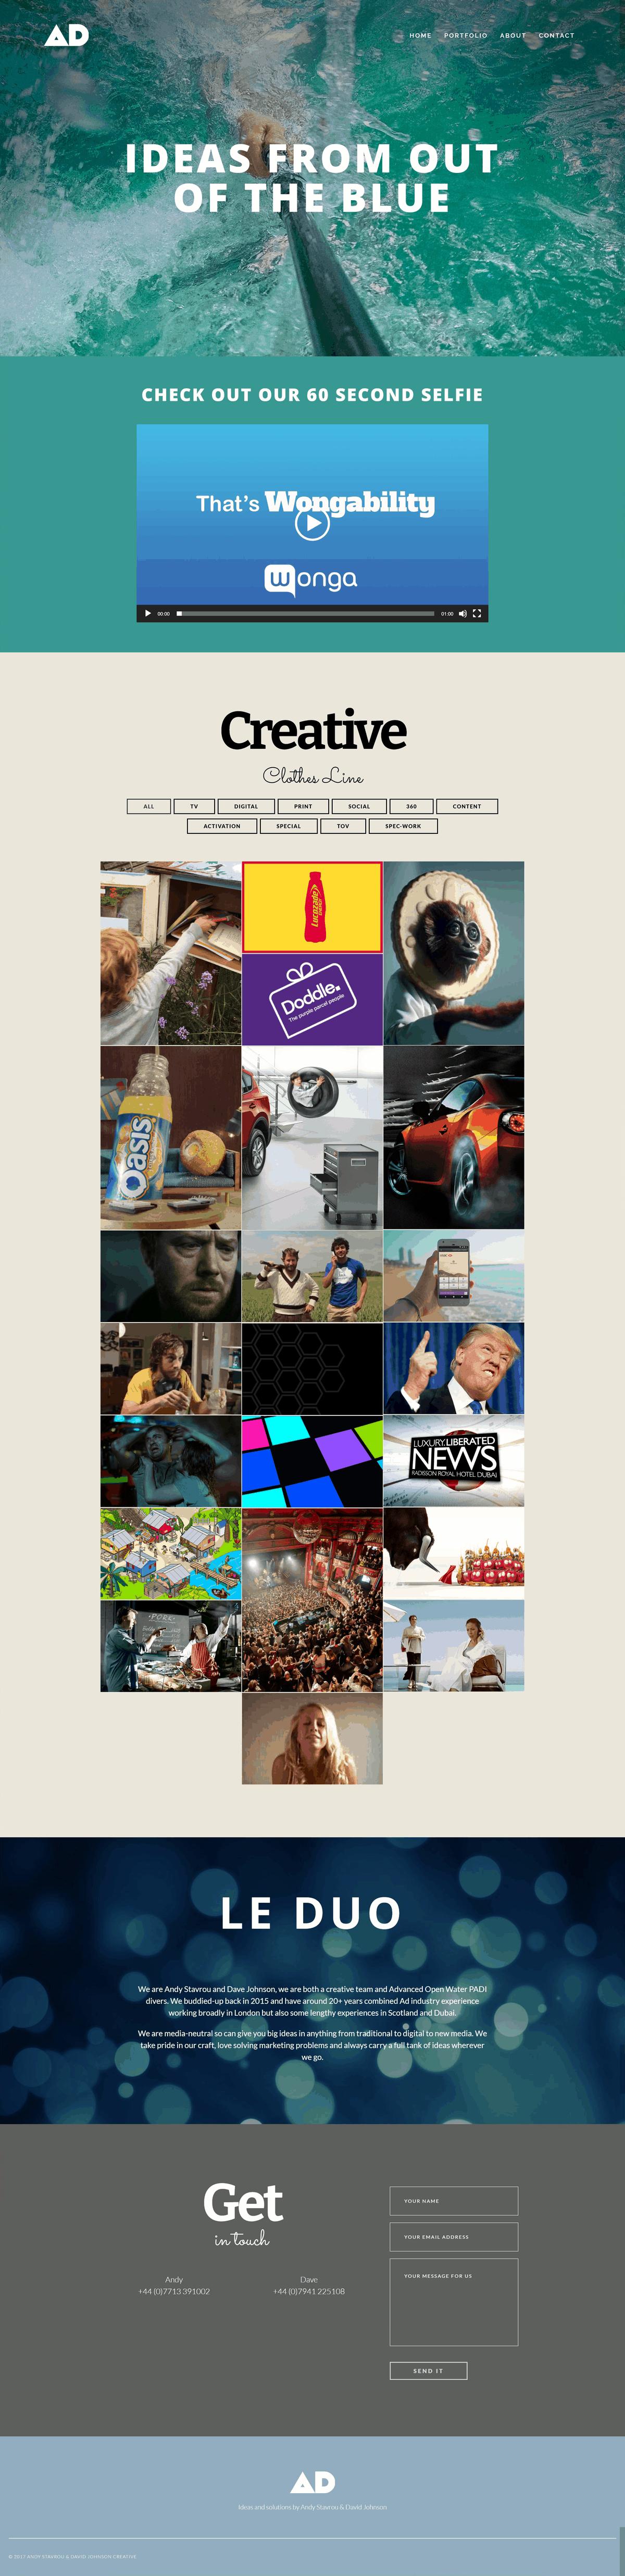 AD Portfolio Website Full